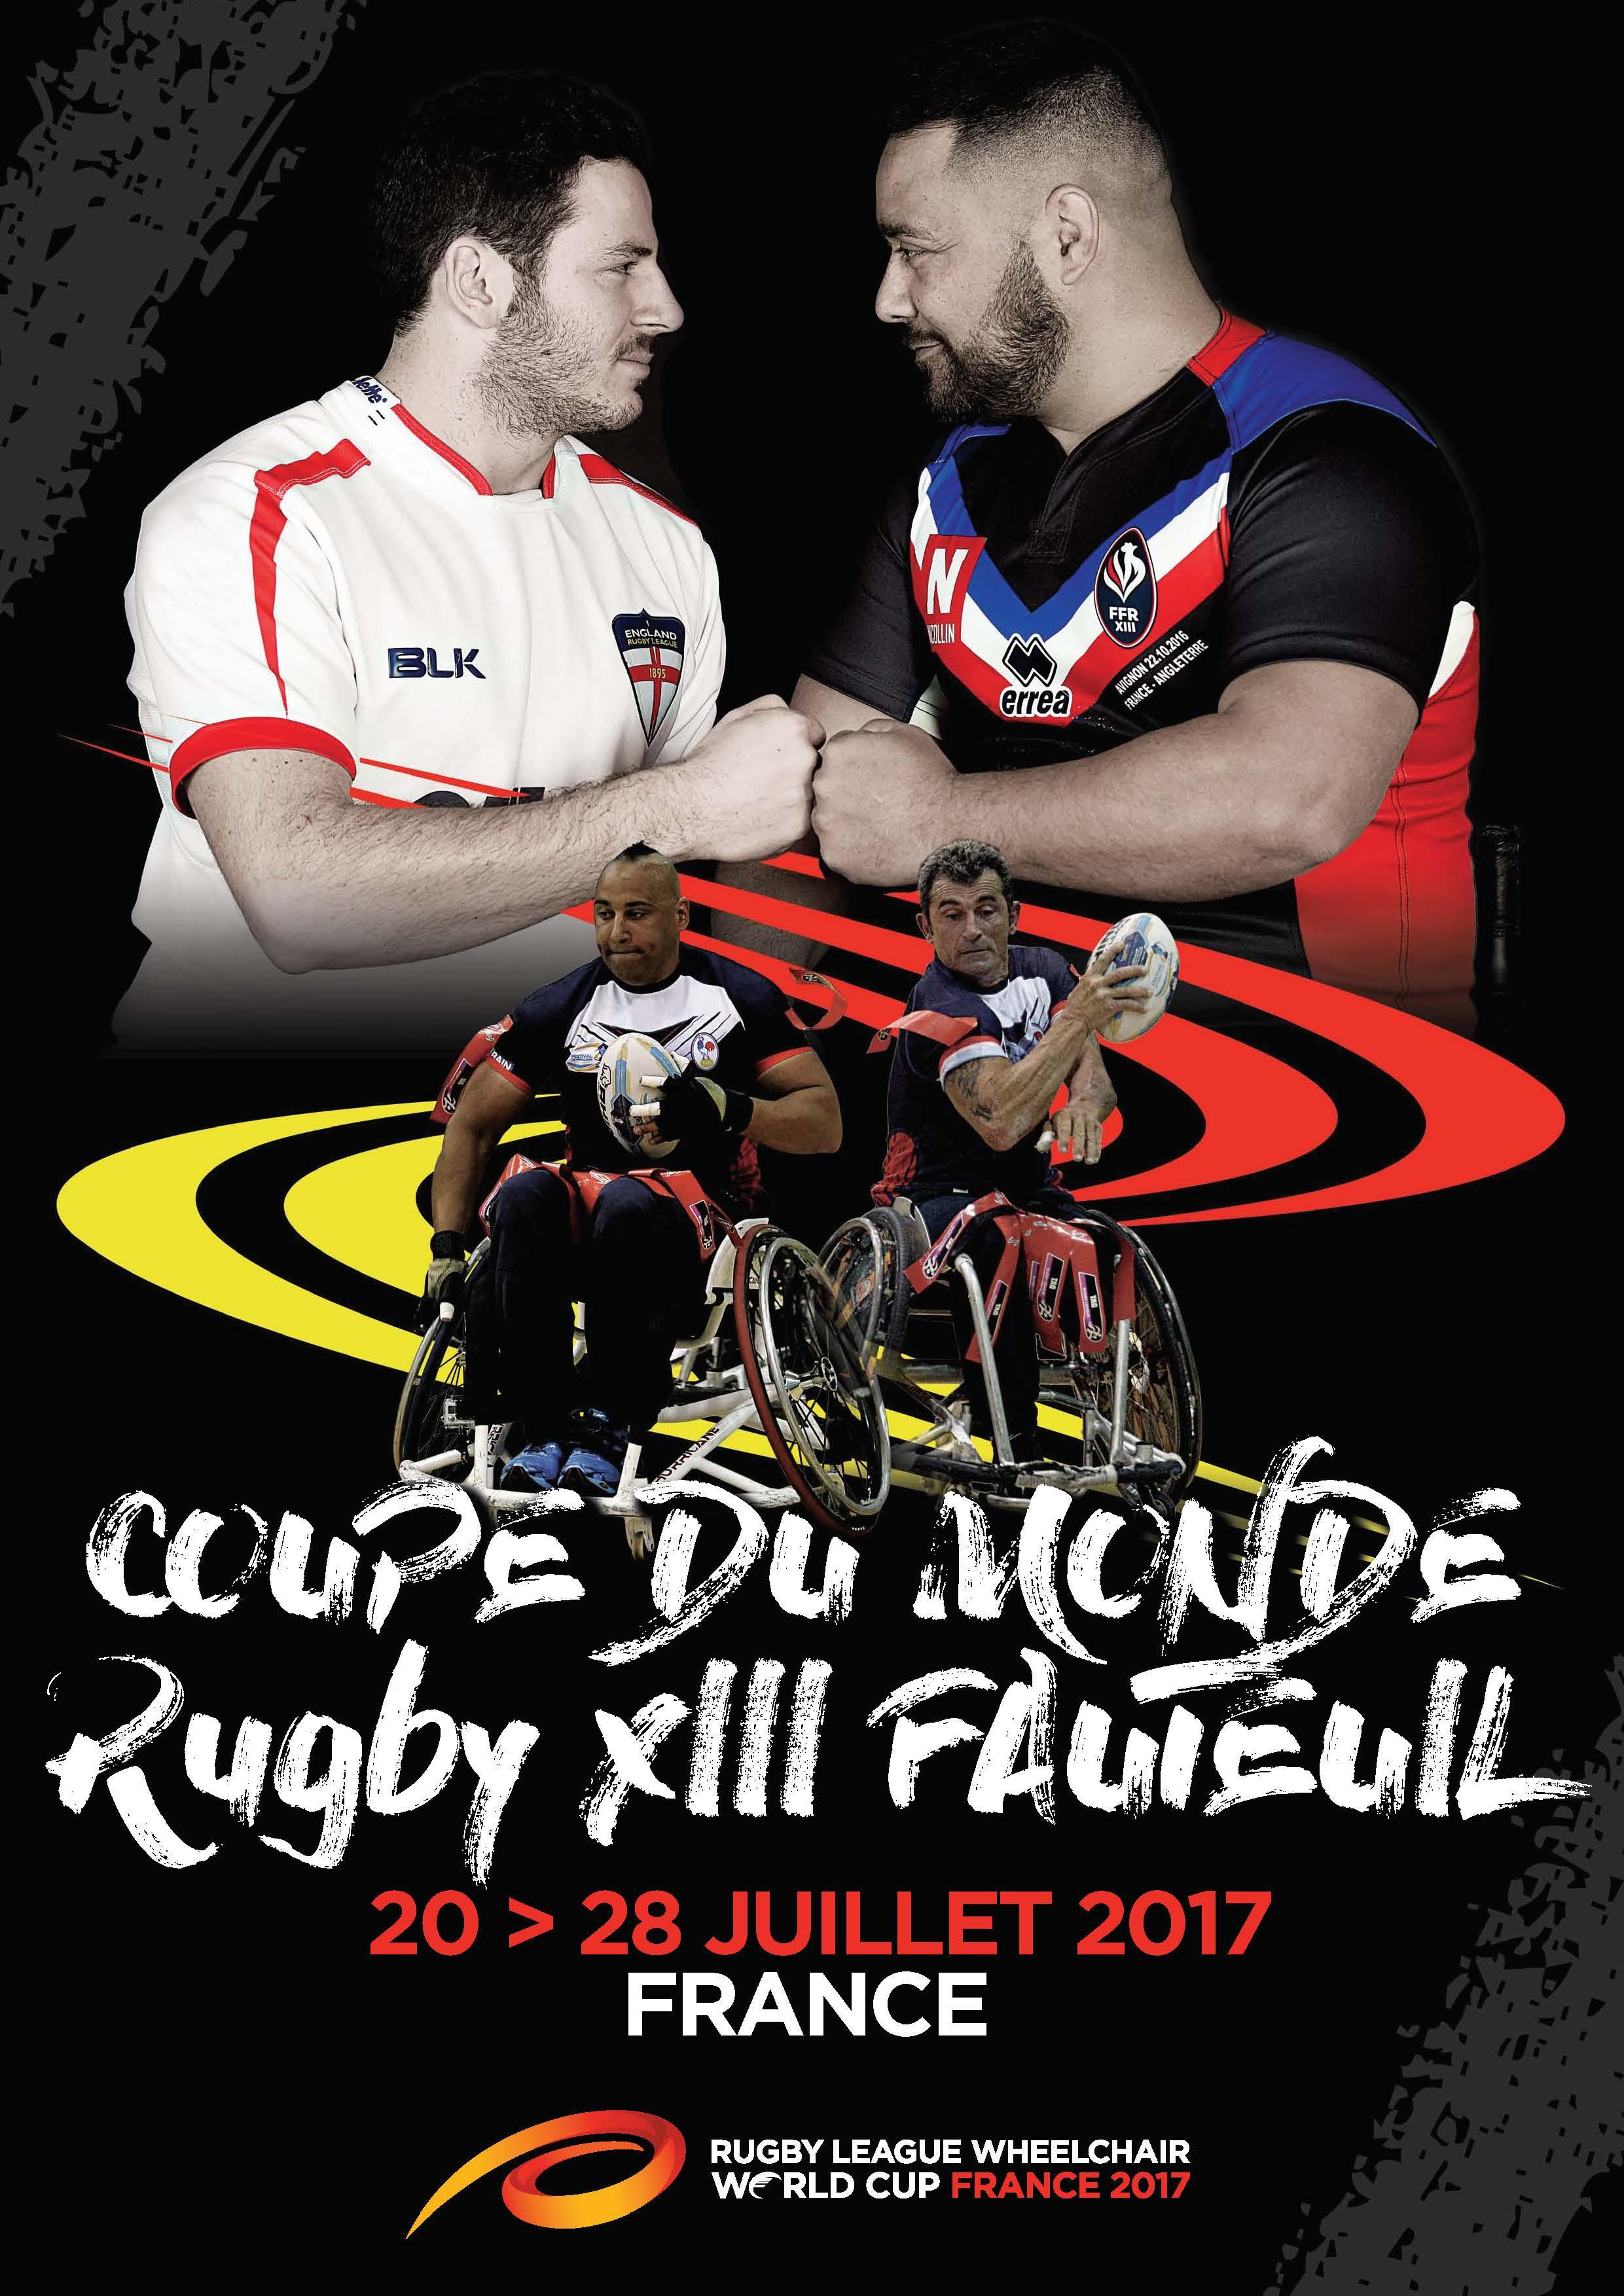 """Résultat de recherche d'images pour """"Coupe Du Monde De Rugby XIII Fauteuil"""""""